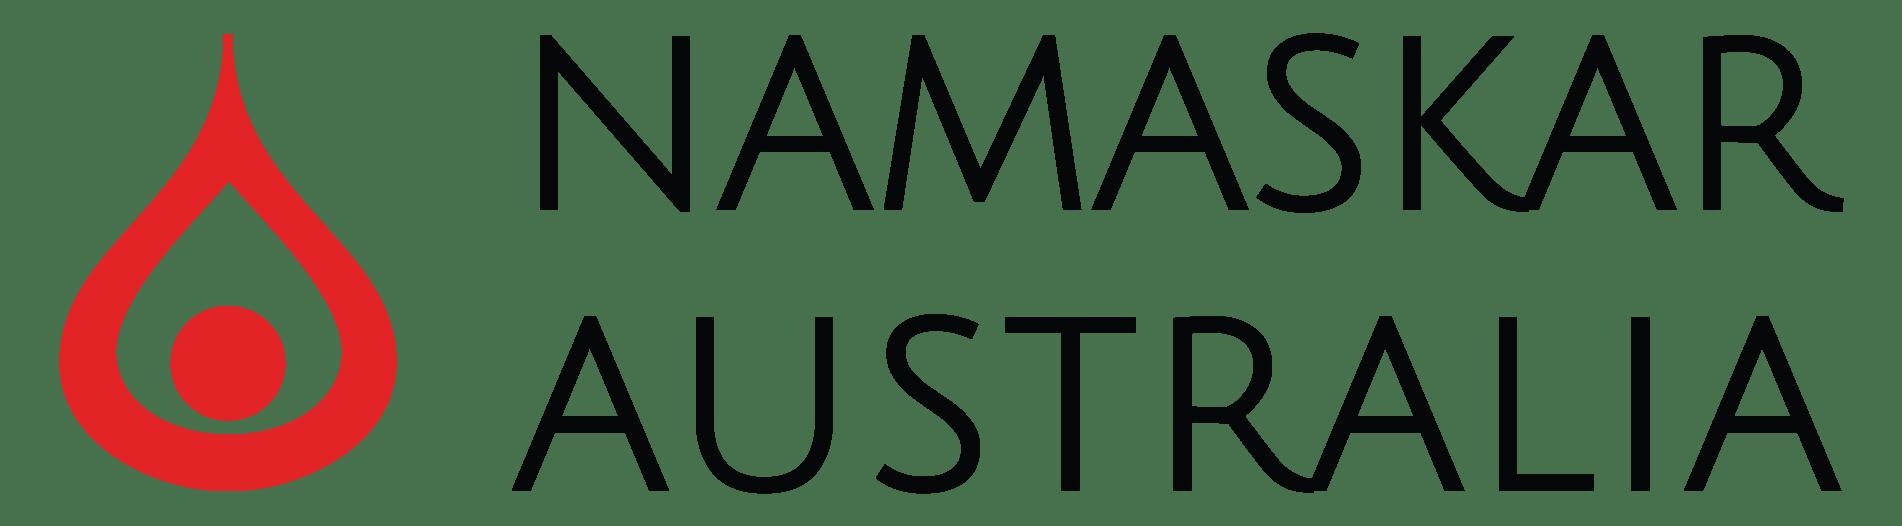 Namaskar Australia